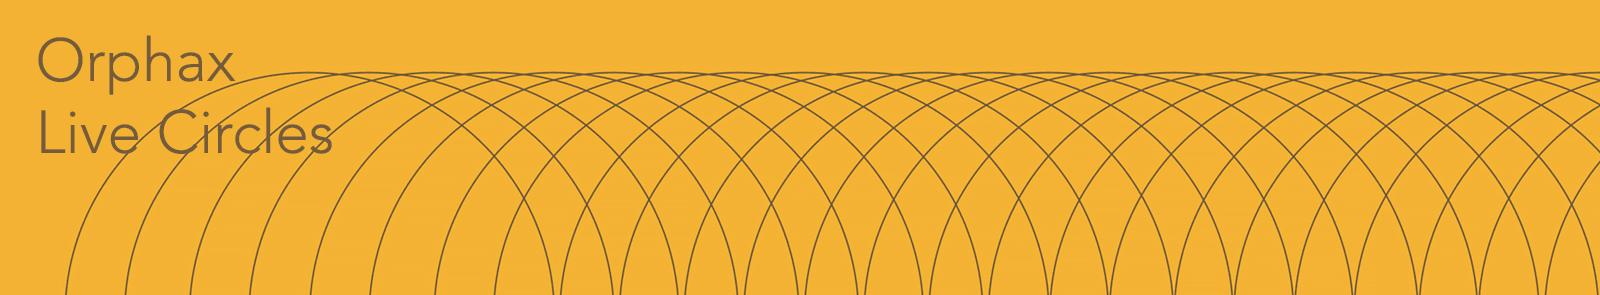 mfr077-orphax-live-circles-website-banner